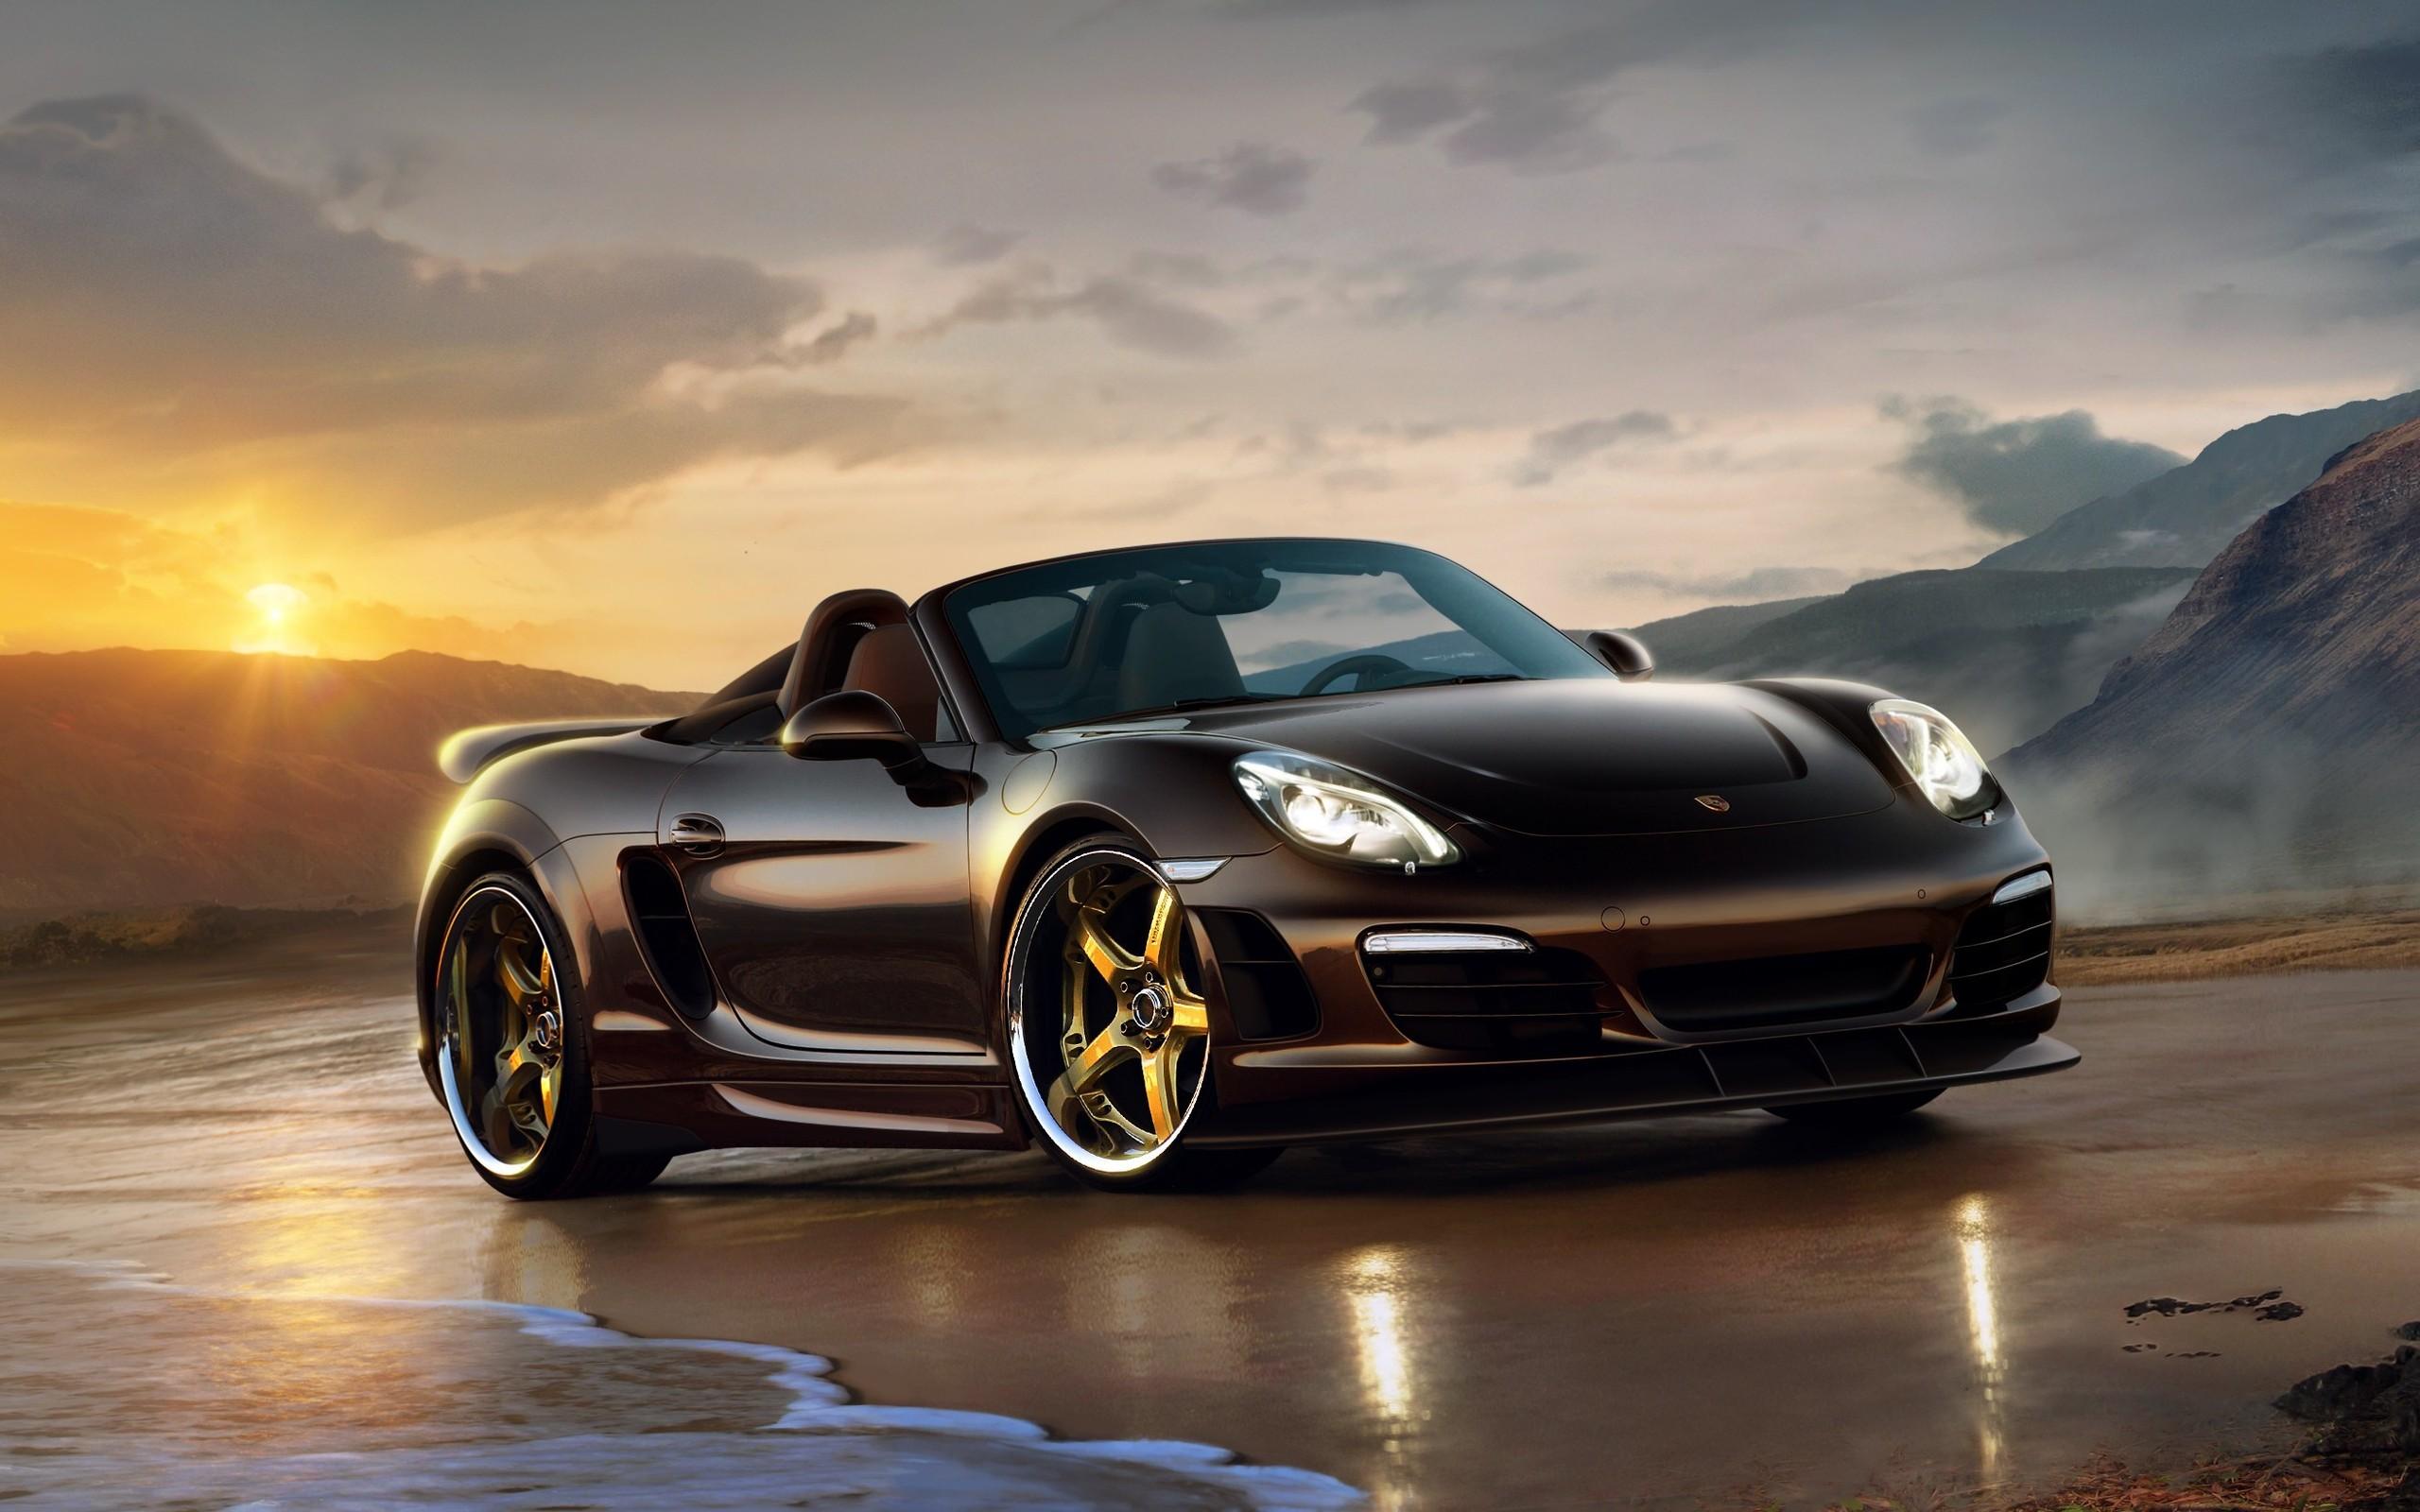 Custom Wallpaper 4k Pubattlegrounds: Black Custom Porsche, HD Cars, 4k Wallpapers, Images